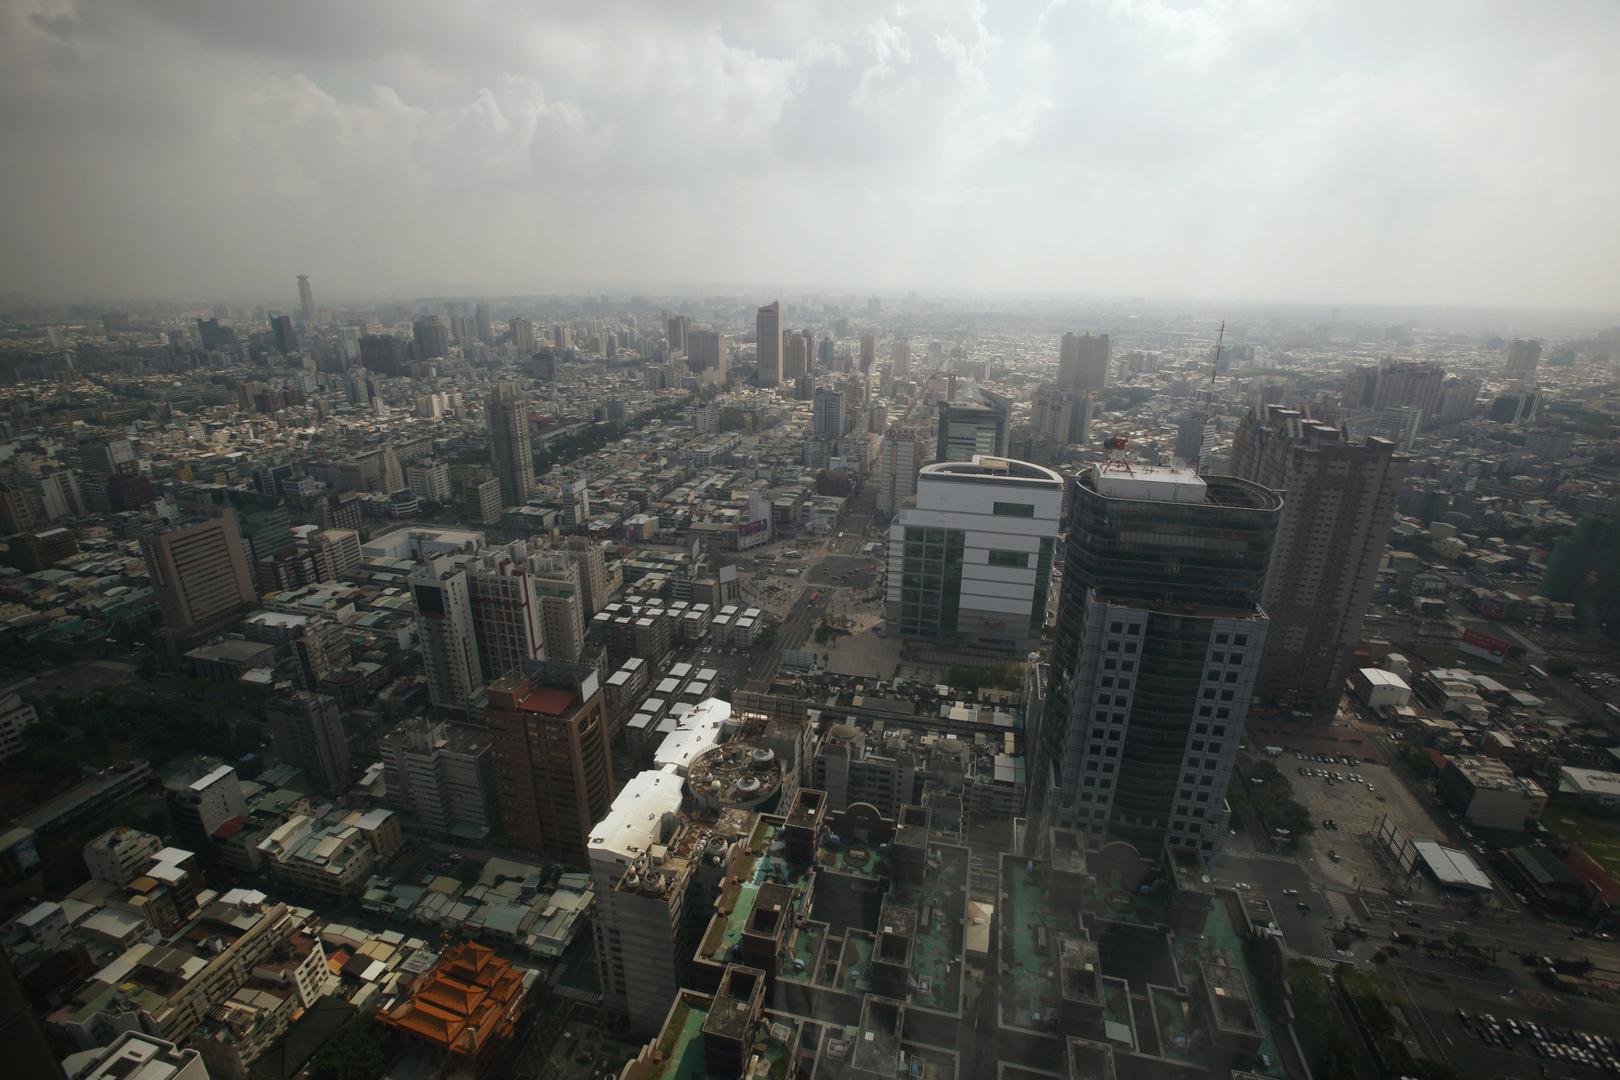 منظر جوي لمدينة كاوشيونغ في جنوب تايوان